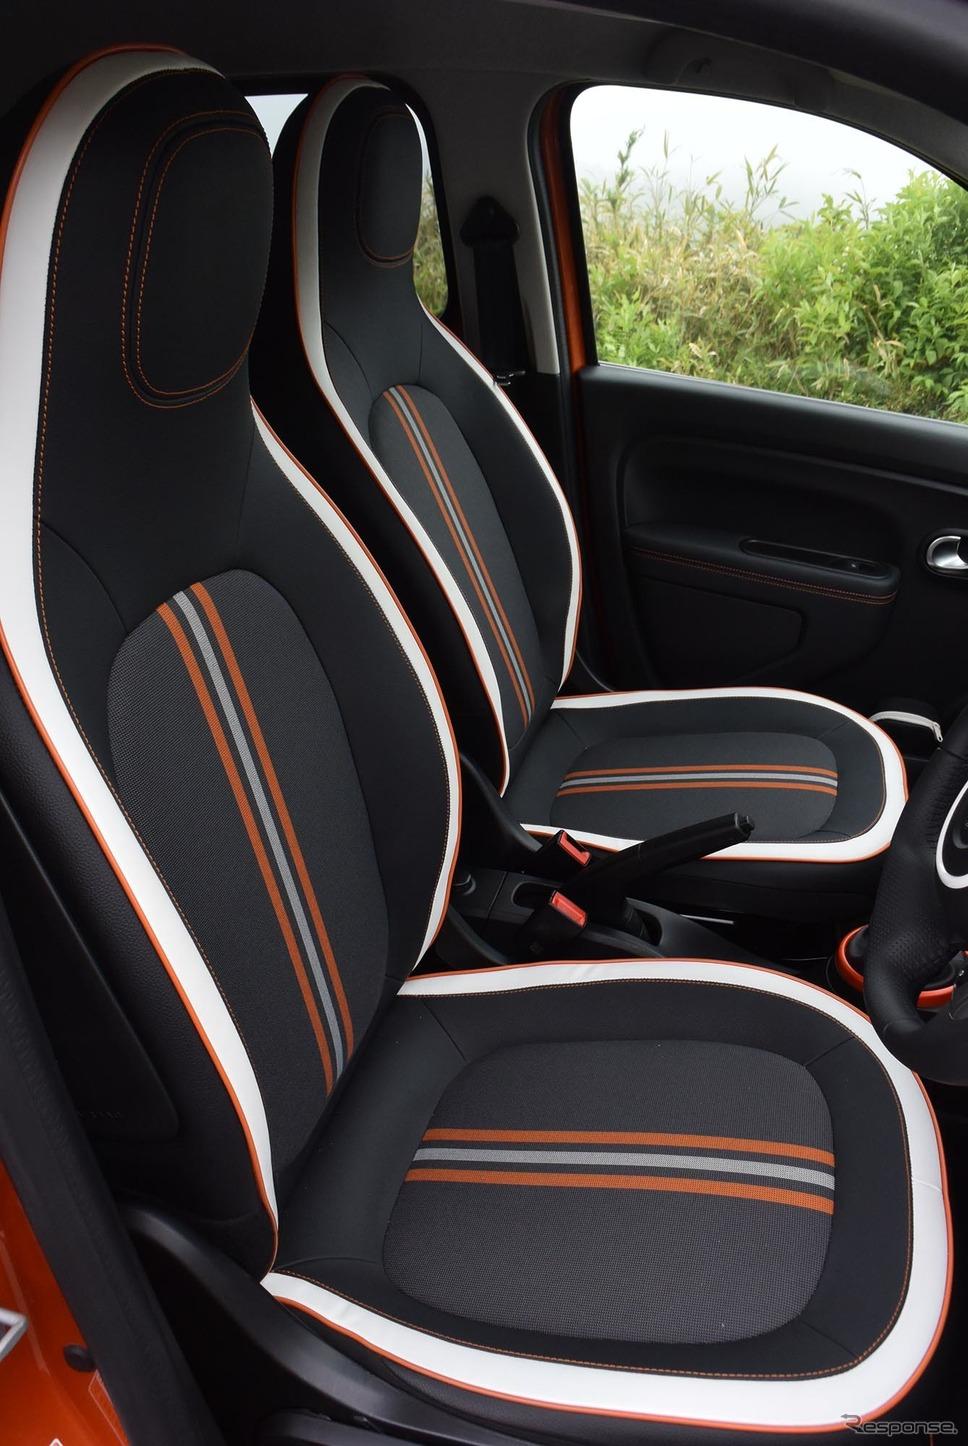 トゥインゴGTのフロントシート。高さと背もたれ角の2つしか調節機能がないが、このシンプルなシートの出来が素晴らしく、いくらでもドライブを続けられた。